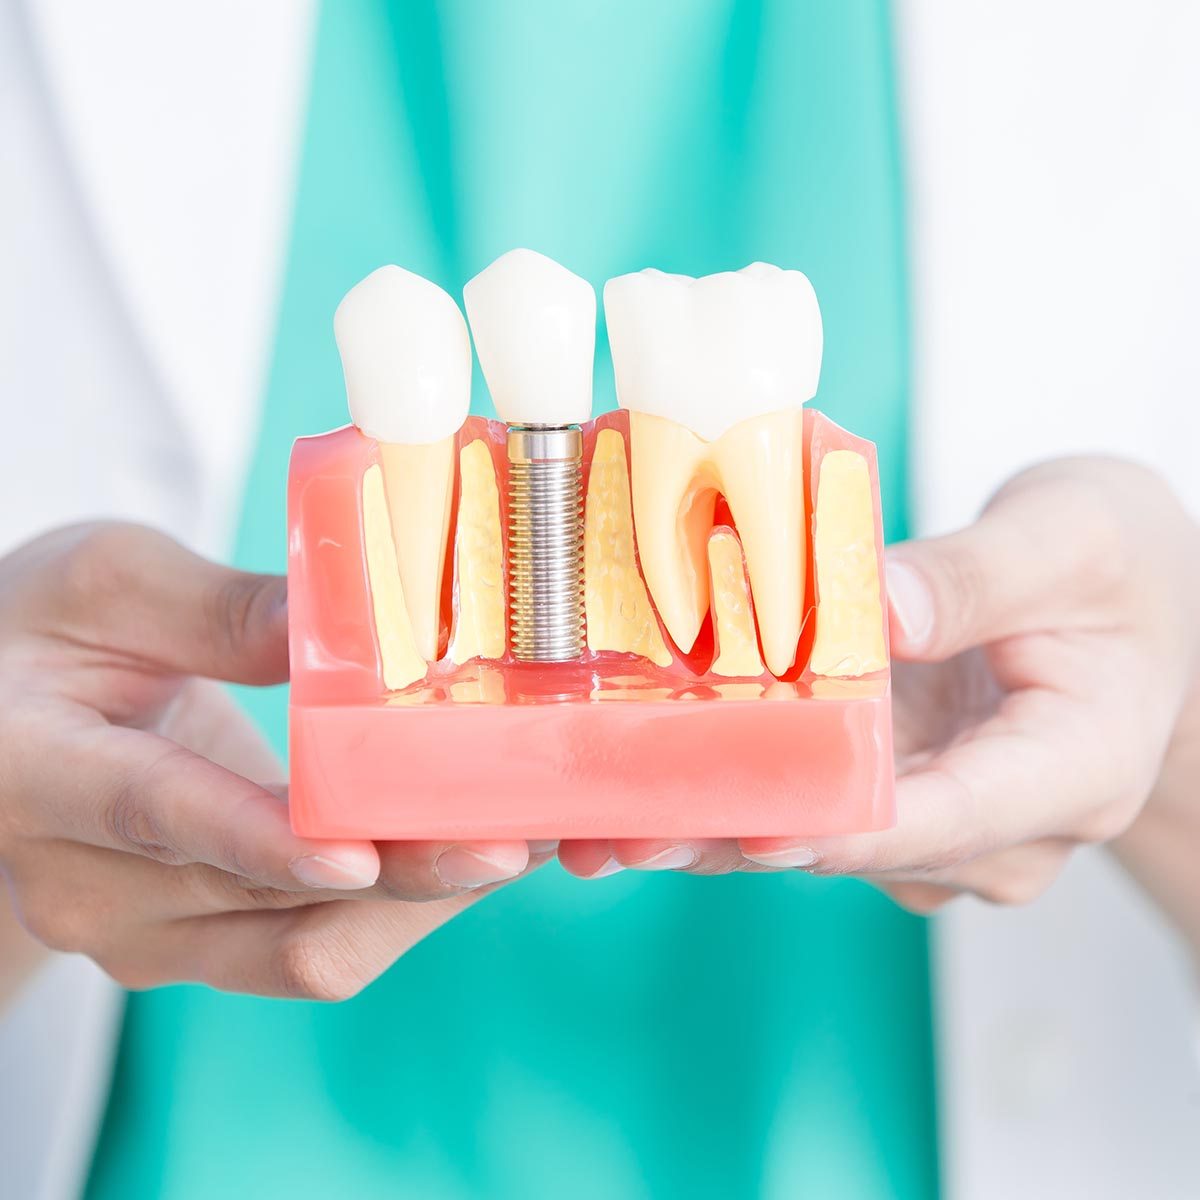 Implanturi dentare - chirurgie dento alveolară